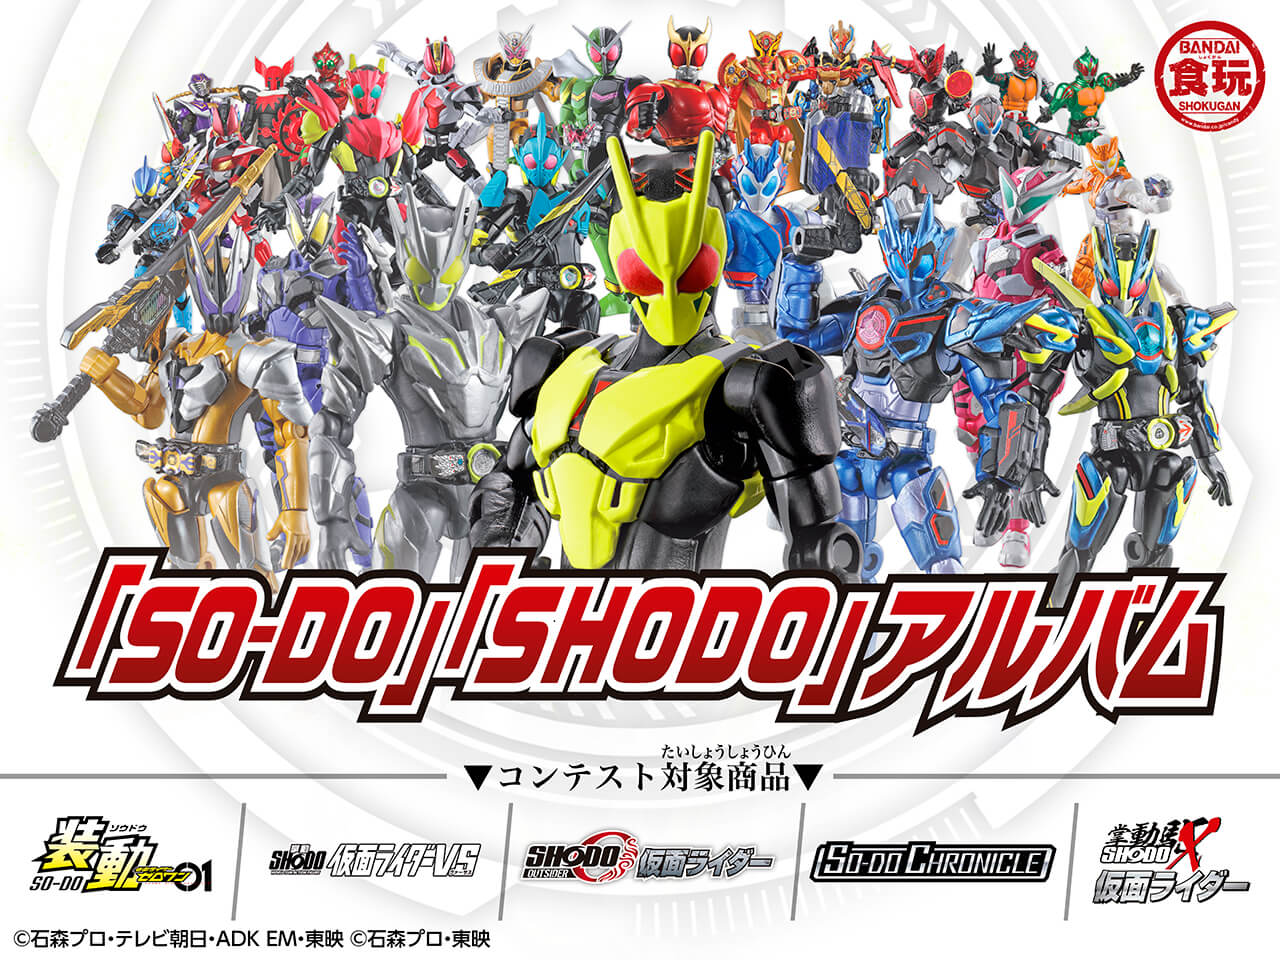 仮面ライダーシリーズ「SO-DO」「SHODO」アルバムの各コースの今月の入賞者(1名)を発表!